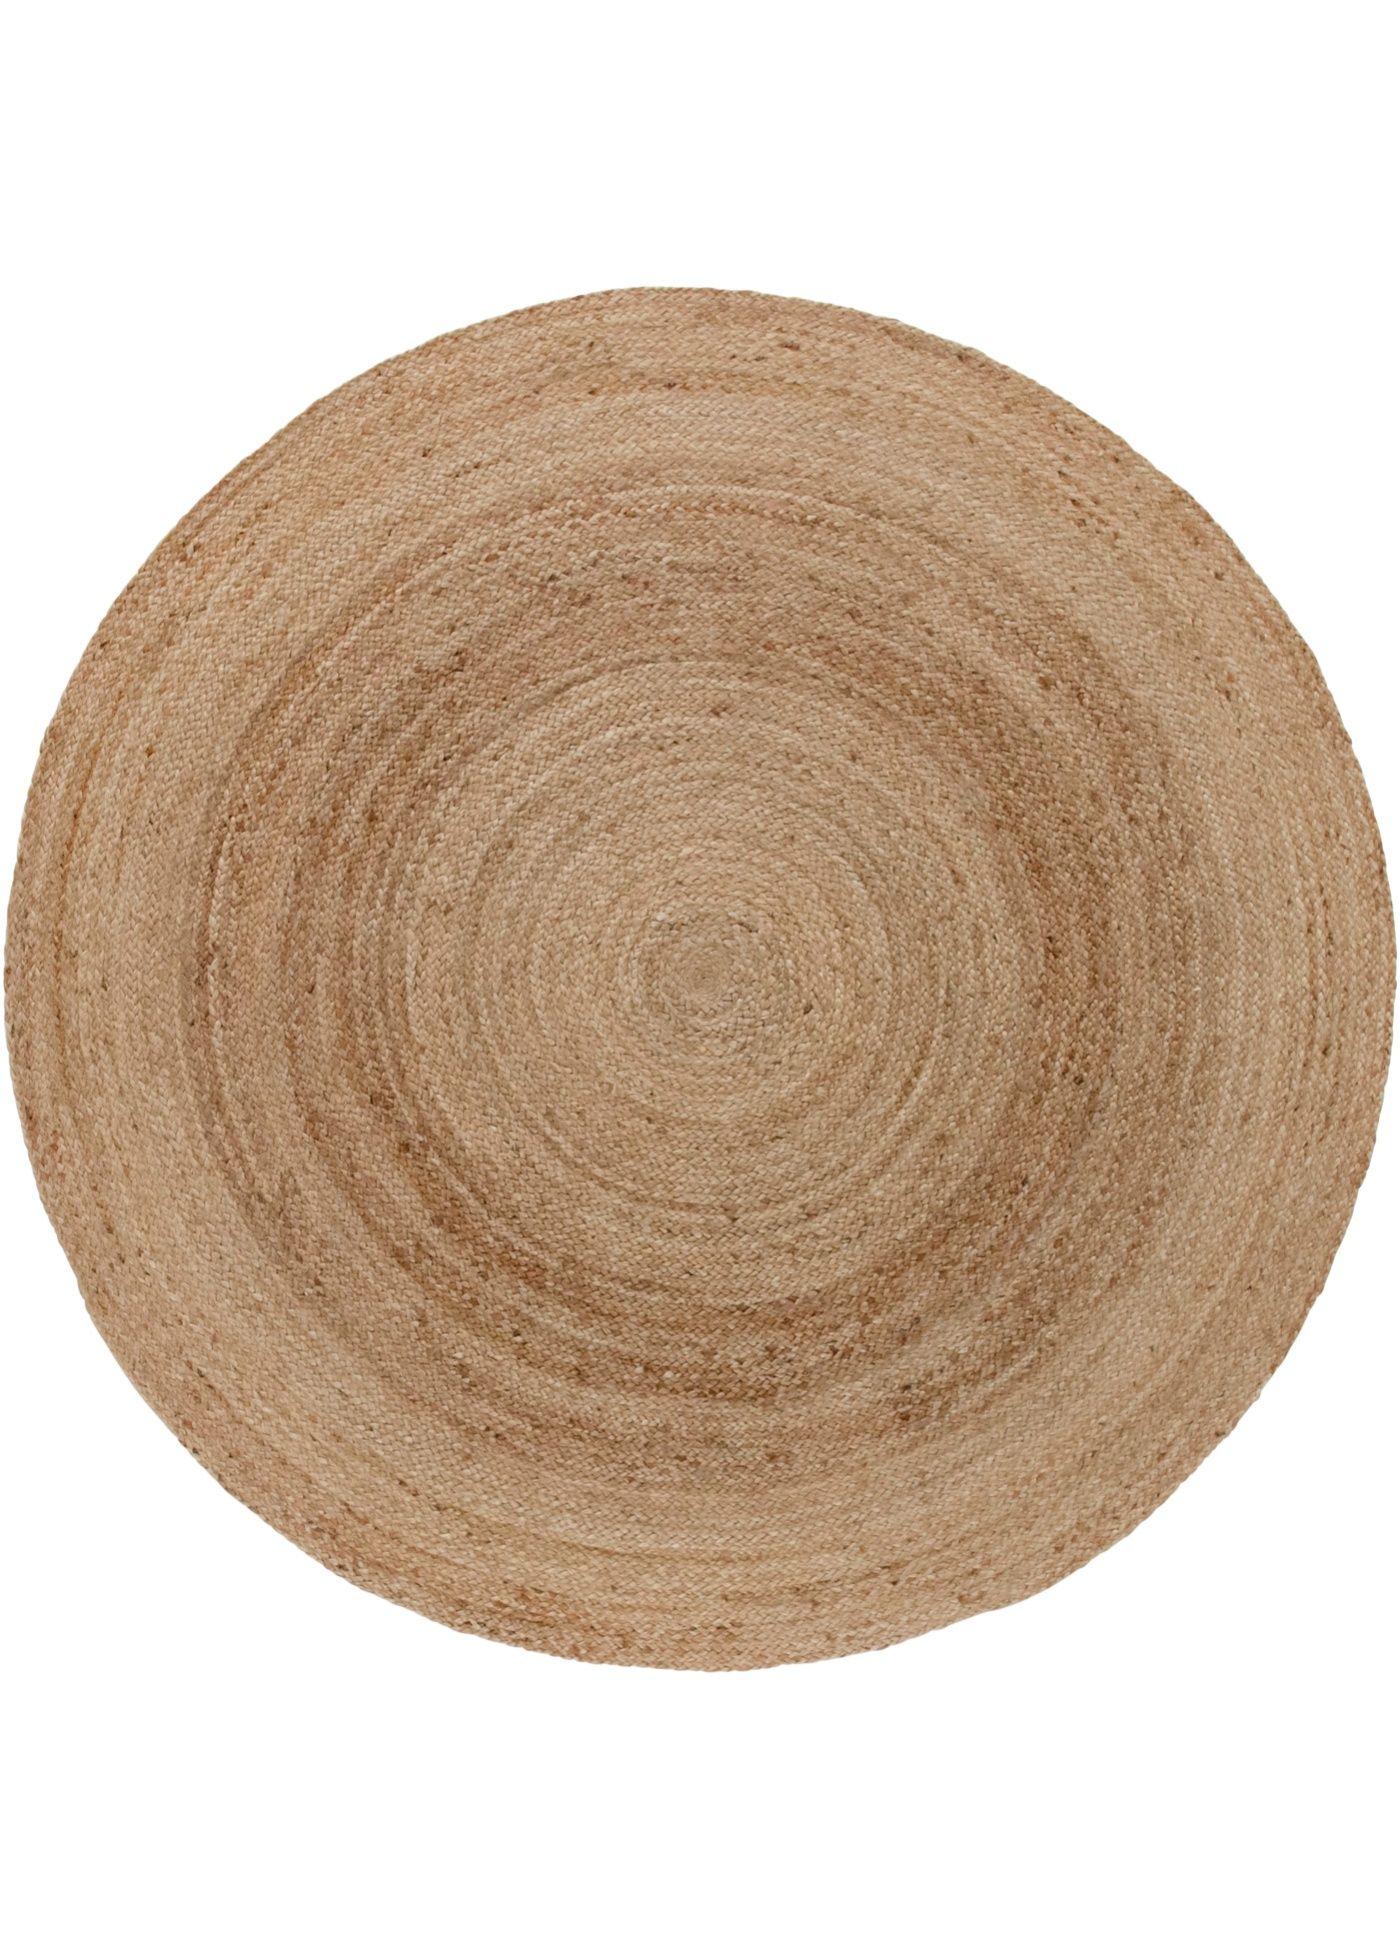 Naturmaterial In Seiner Schonsten Form Der Runde Teppich Mirja